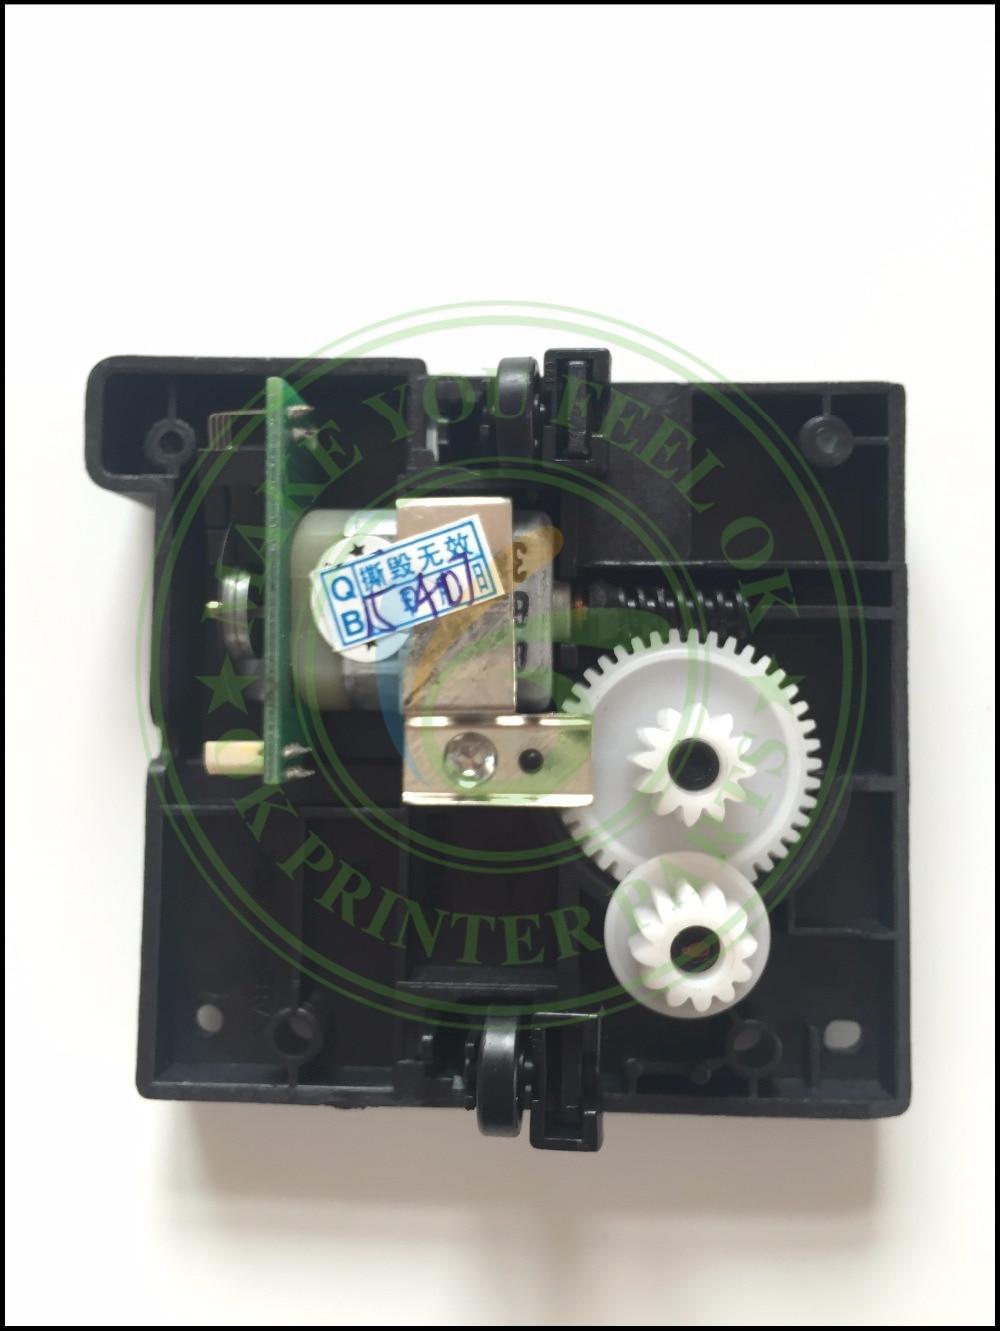 Электродвигатель сканера для HP M1005 M1120 CM1015 CM1017 CM1312 5788, электродвигатель сканера с головным кронштейном в сборе